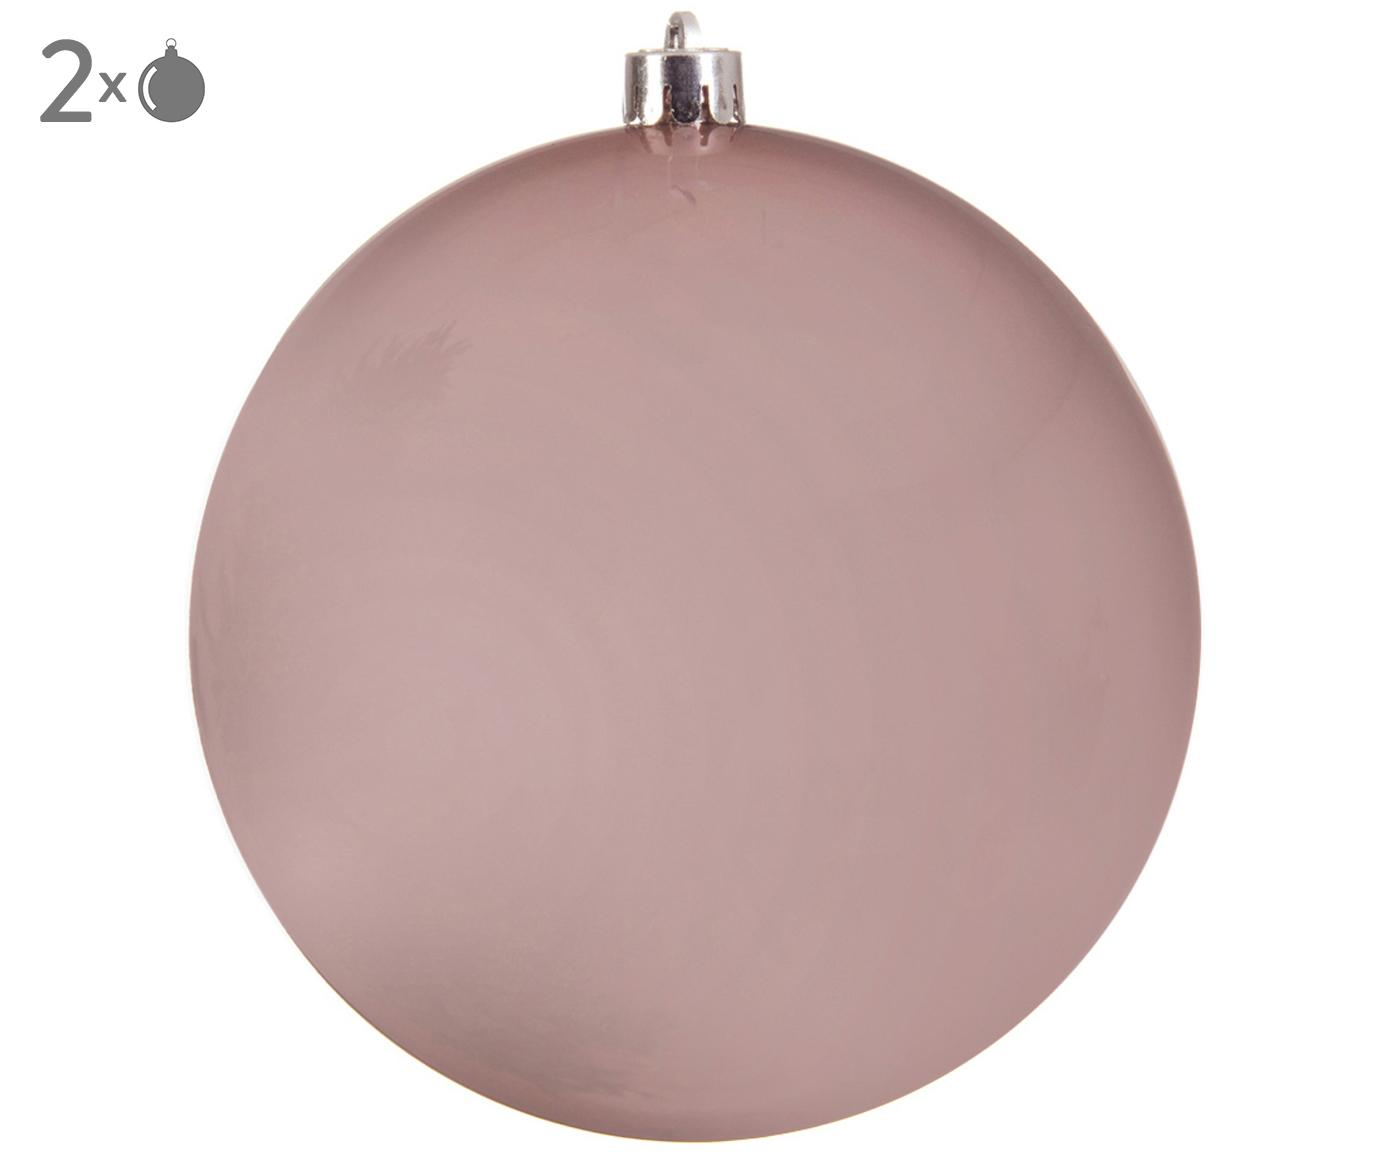 Bombka Minstix, 2szt., Tworzywo sztuczne, Blady różowy, Ø 14 cm